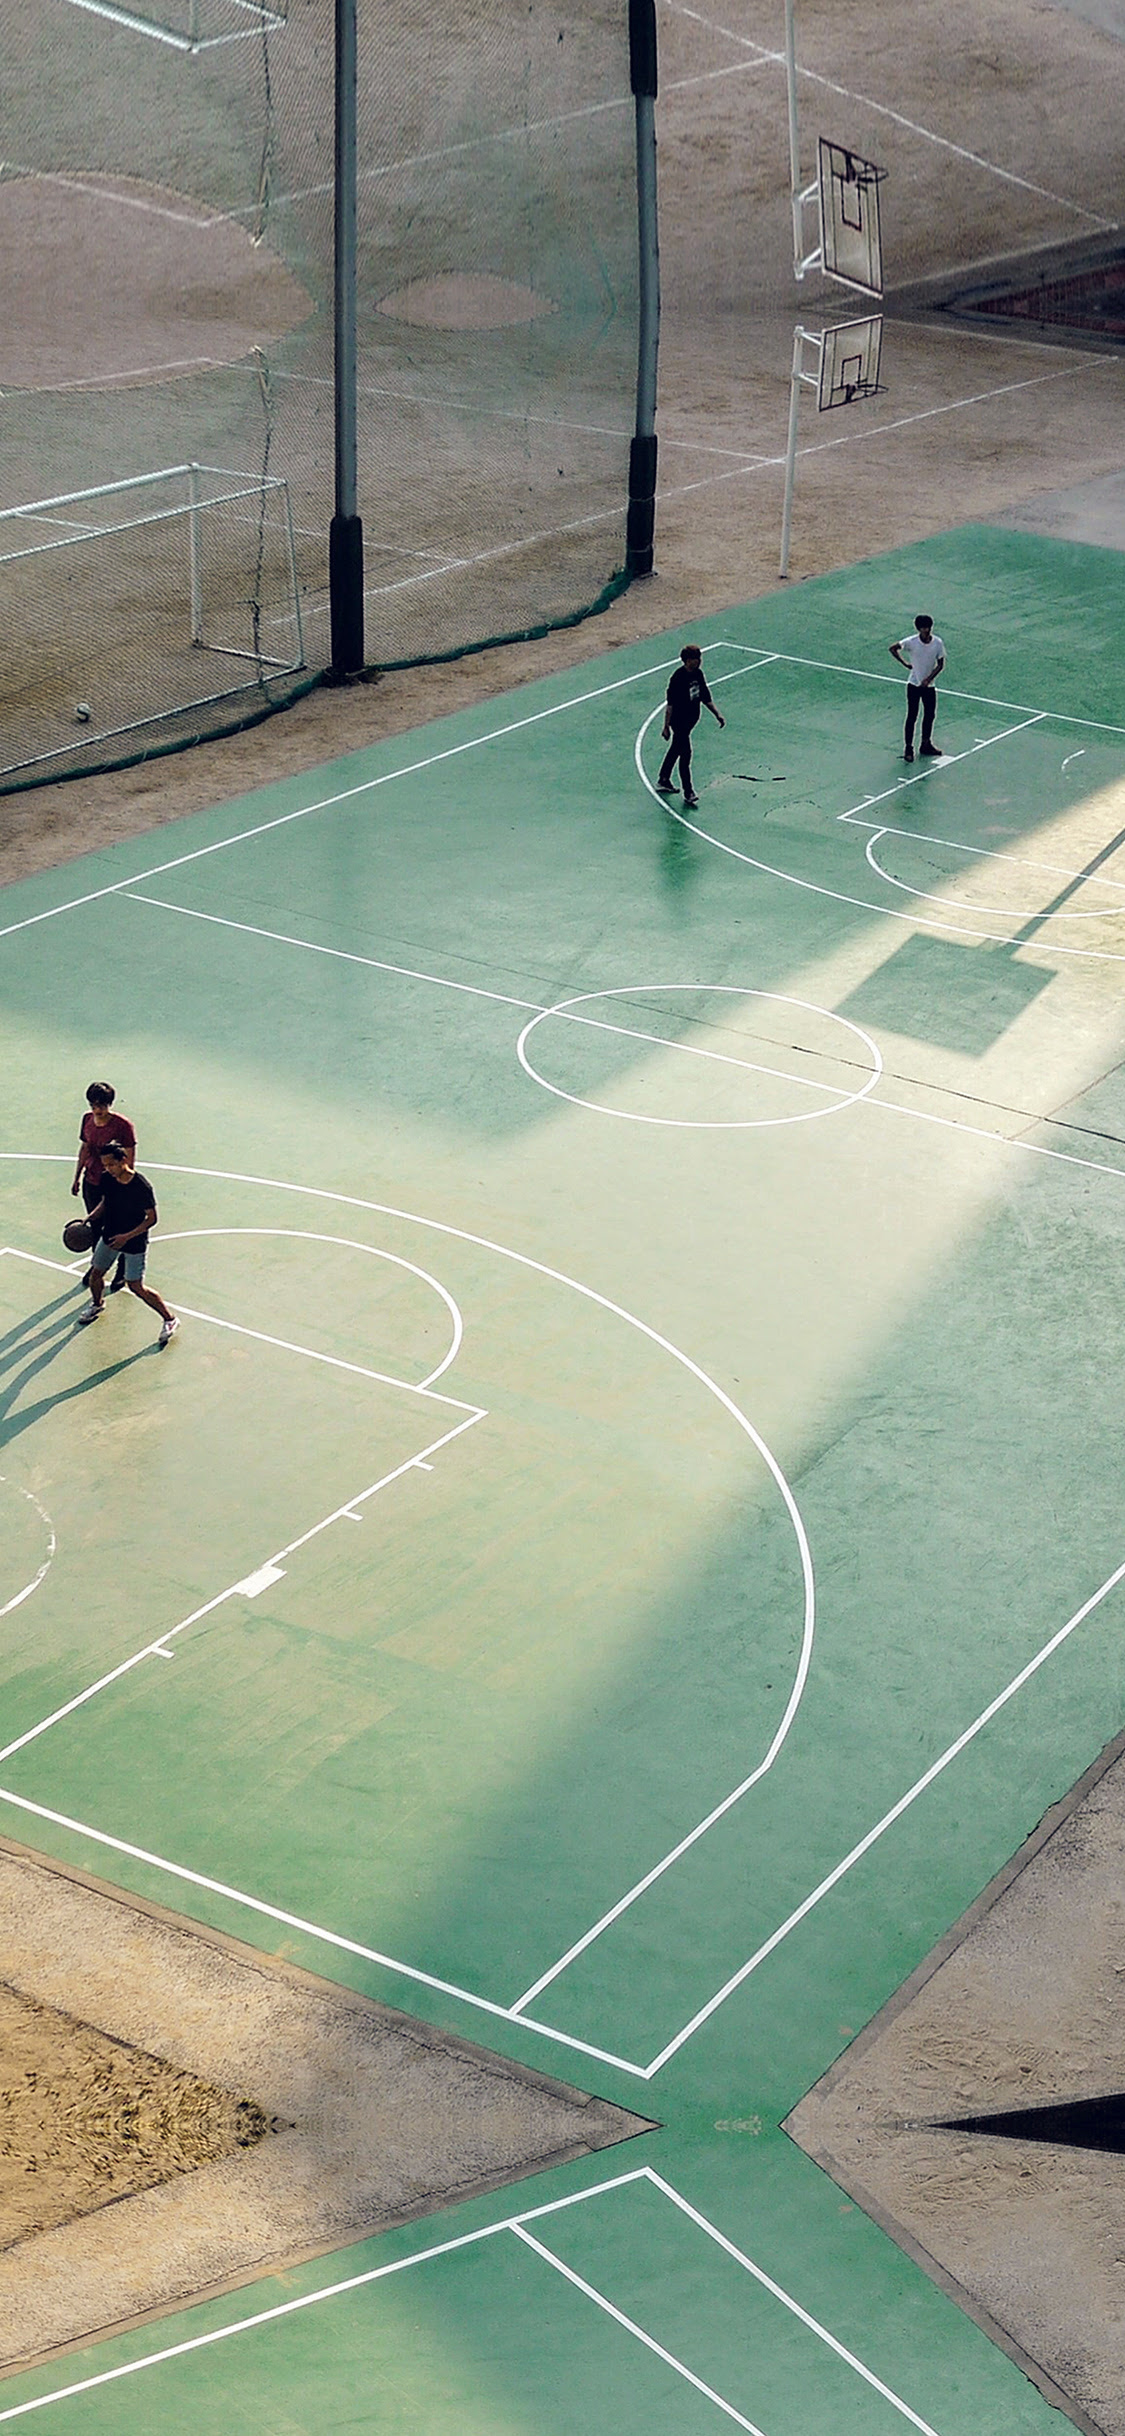 ng12-basketball-green-city-sports-art-nba-wallpaper